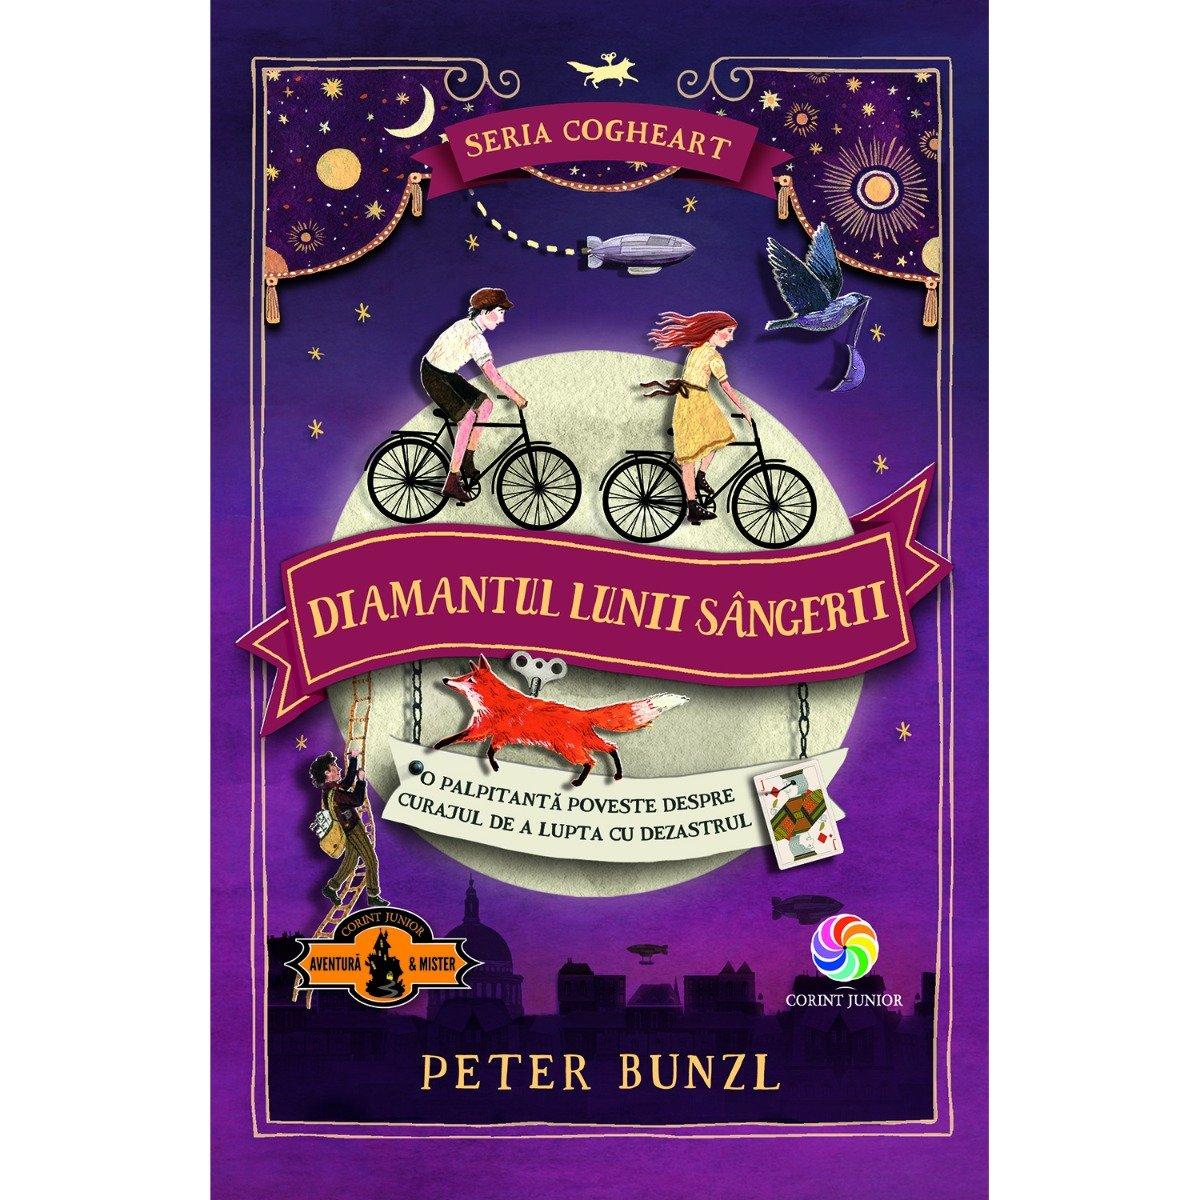 Carte Editura Corint, Cogheart vol.II Diamantul lunii sangerii, Peter Bunzl